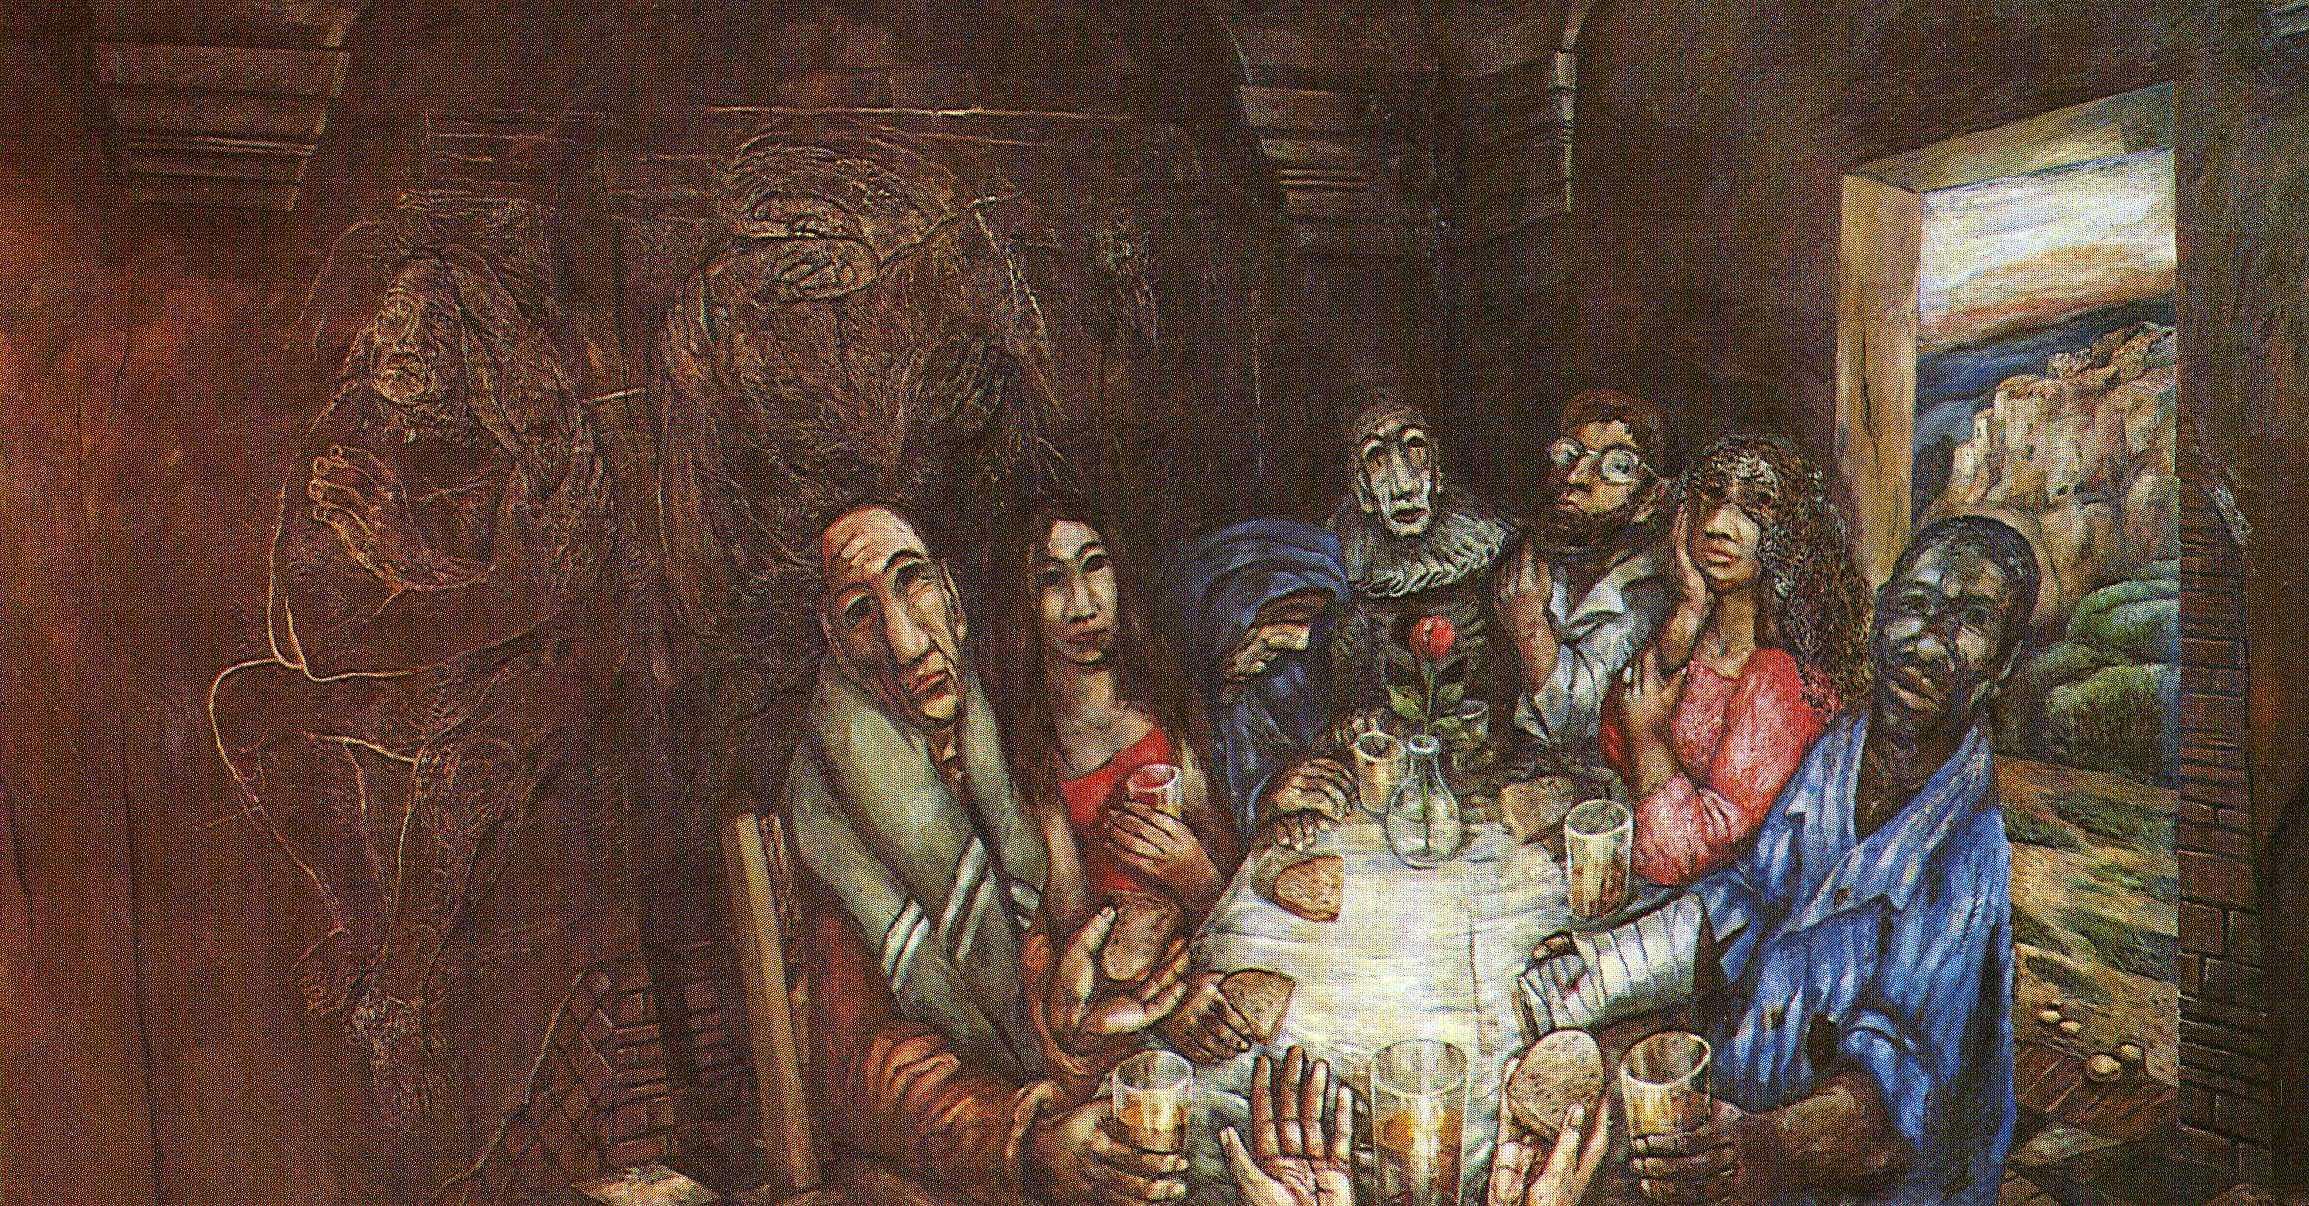 Caption: Sieger Köder, Das Mahl mit den Sündern, 1973.